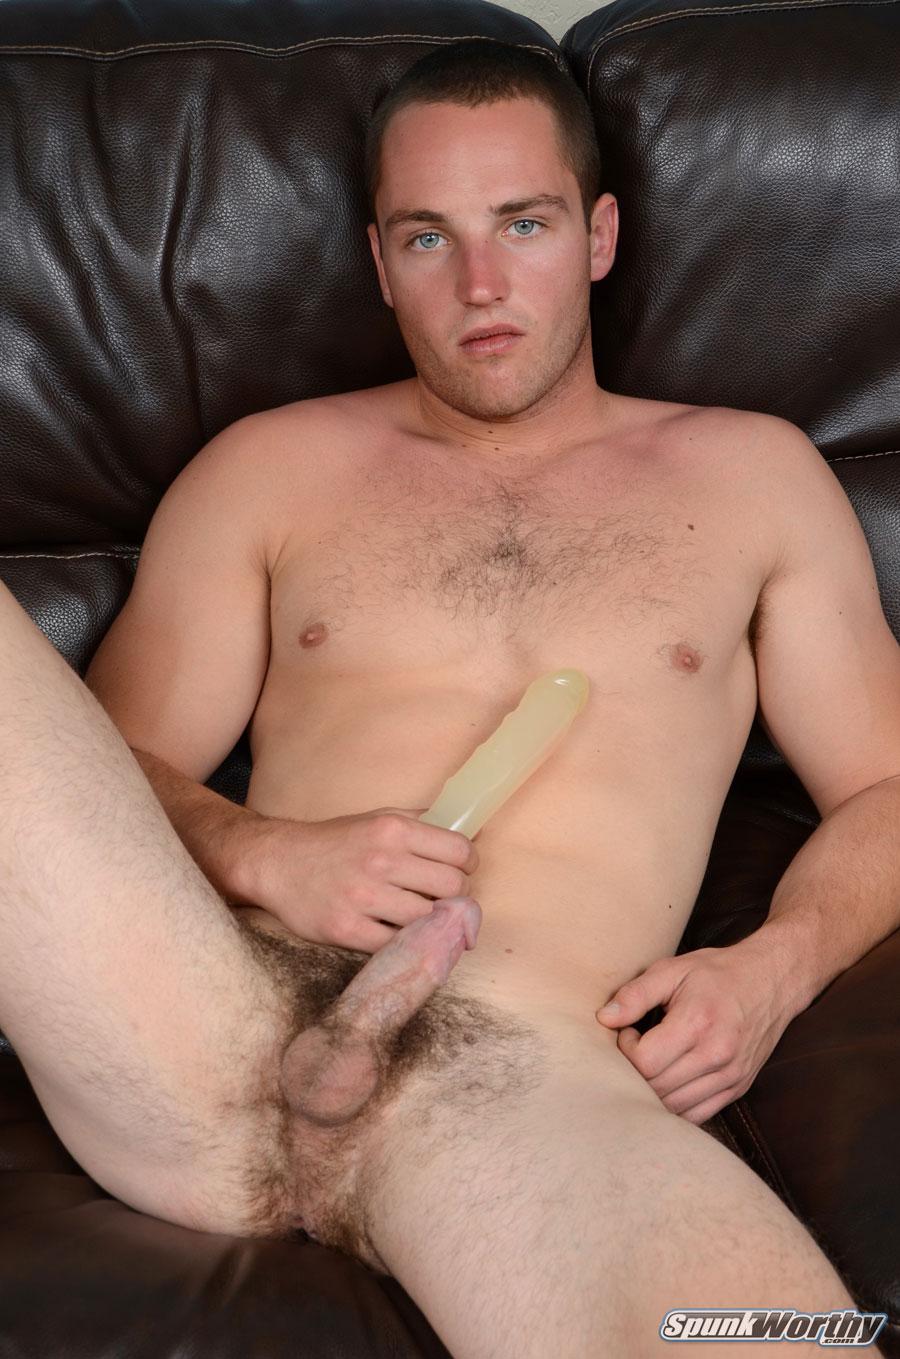 SpunkWorthy Dean Straight Marine Uses A Dildo On Hairy Ass Amateur Gay Porn 03